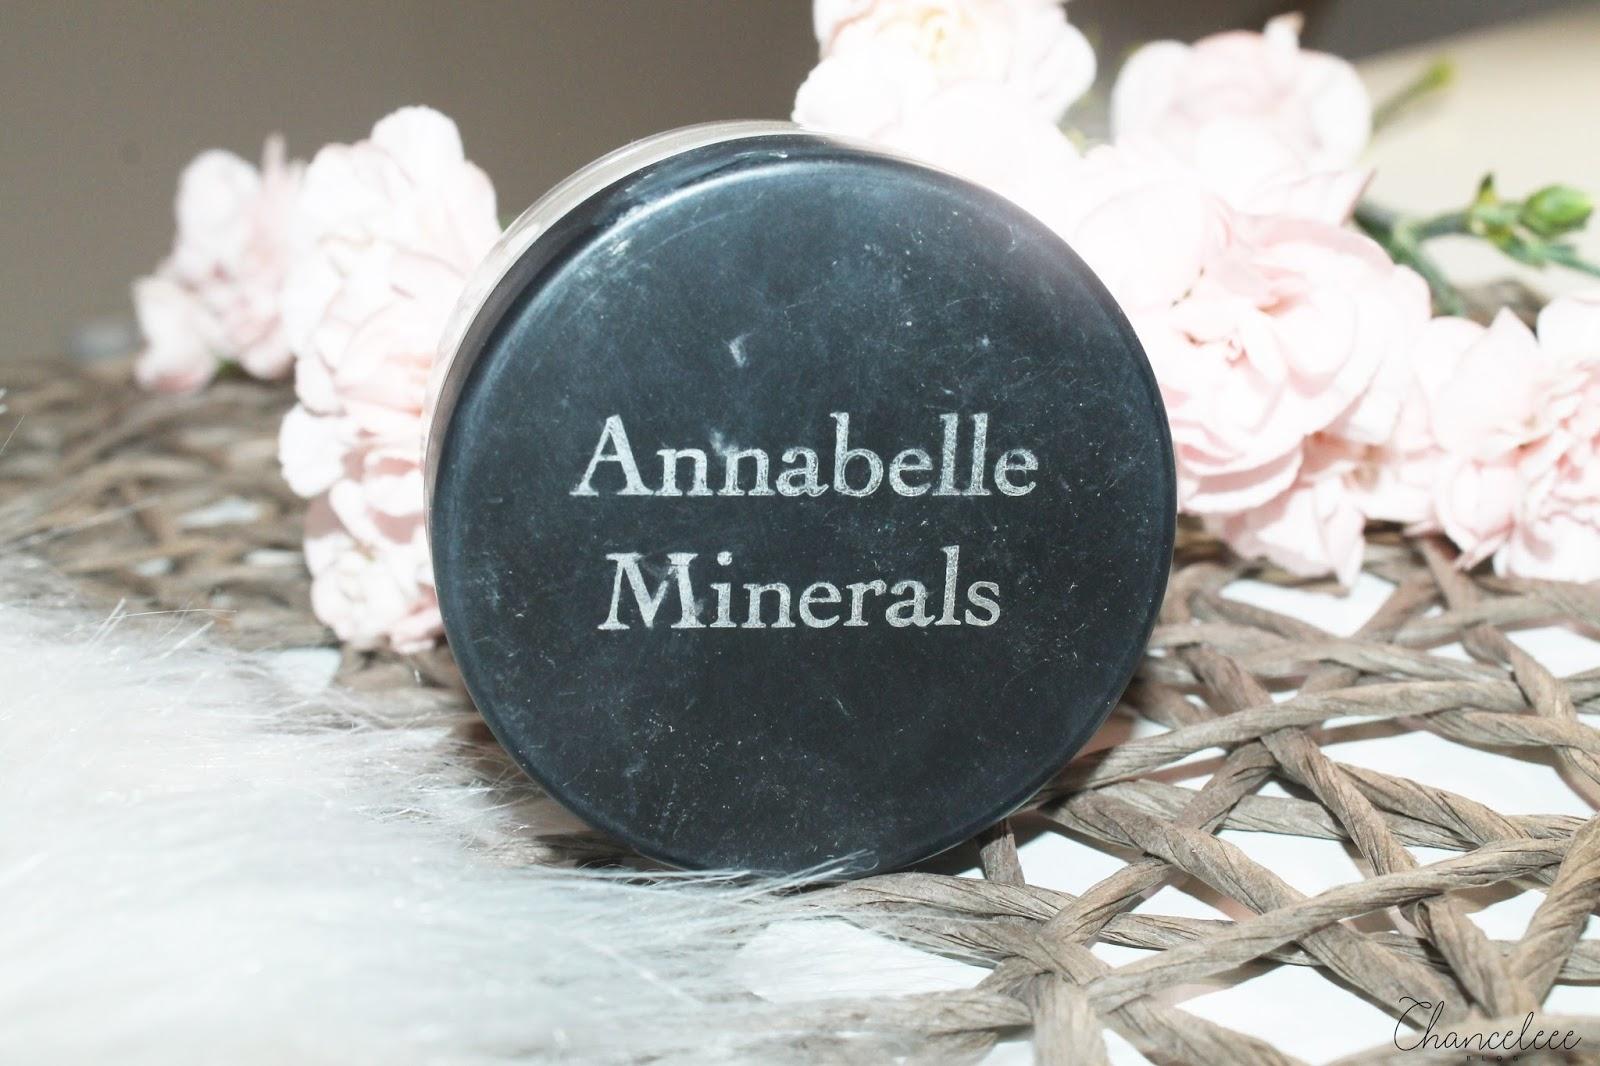 Lily Lolo, Annabelle Minerals - porównanie dwóch podkładów mineralnych